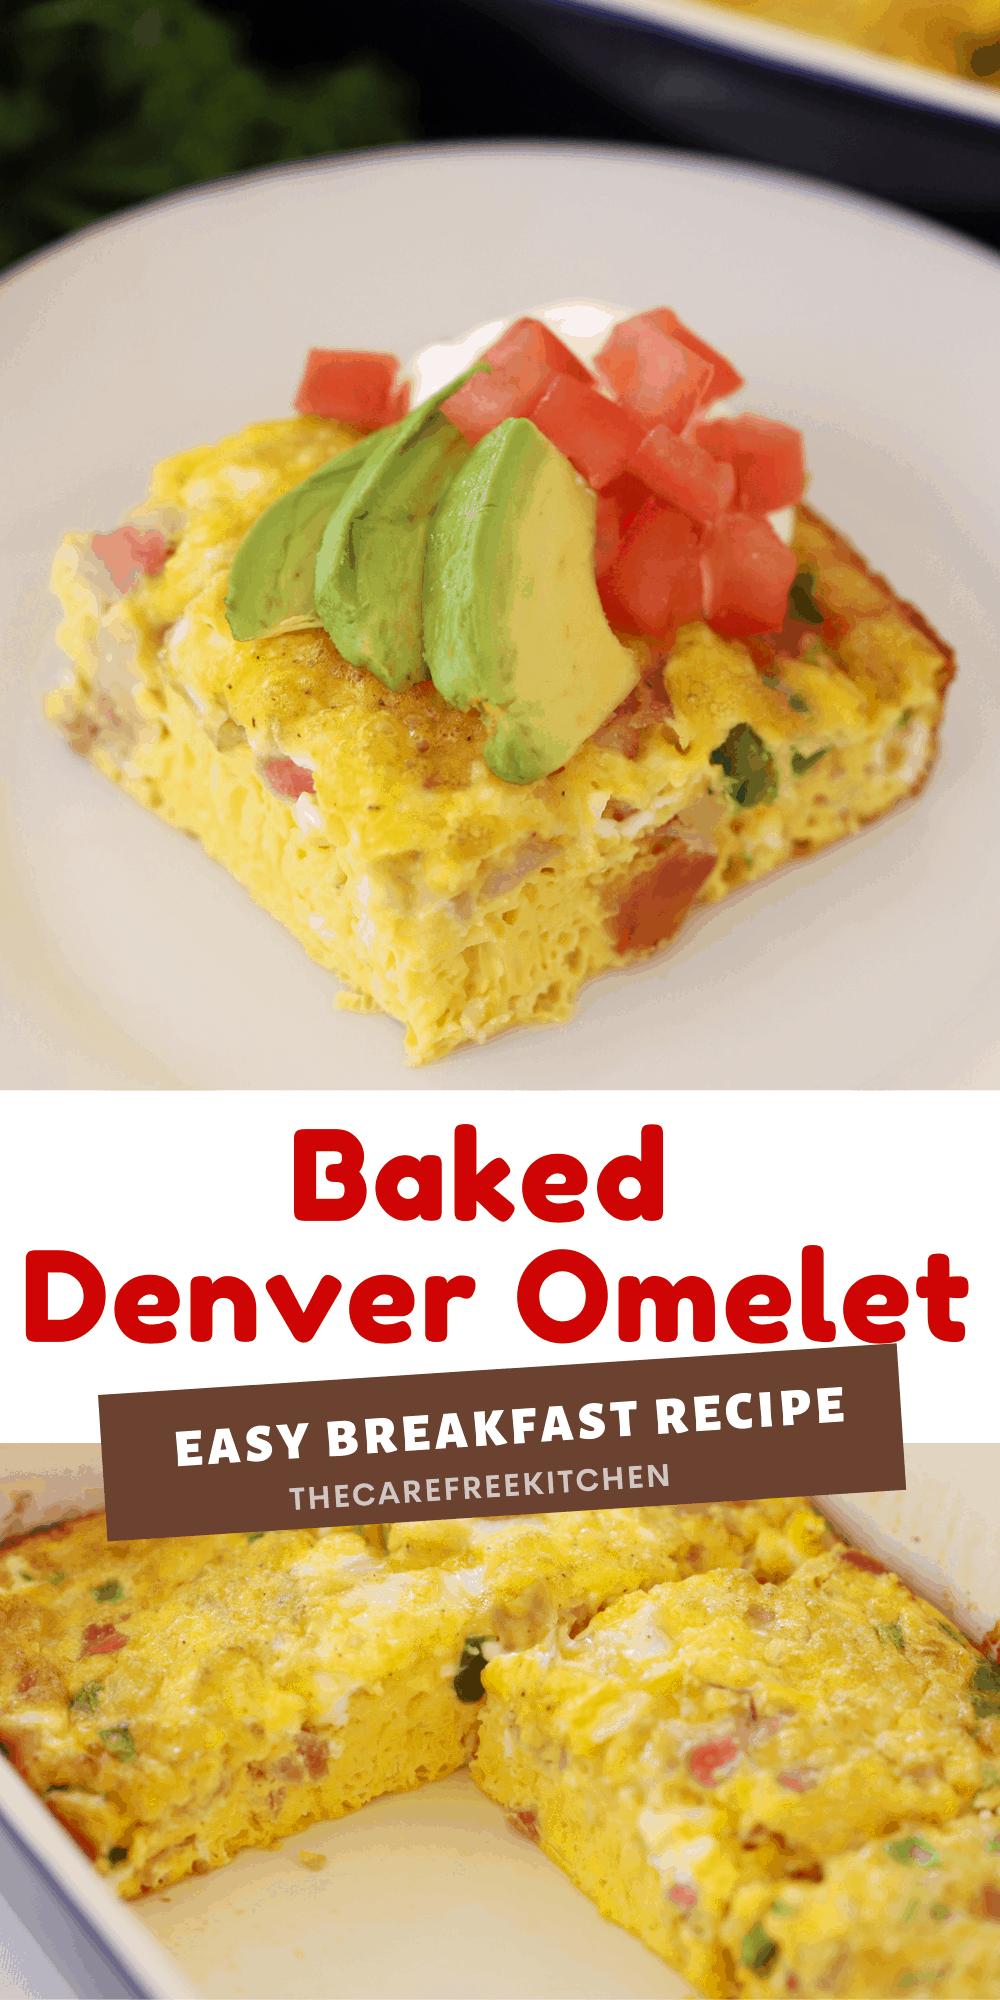 Pinterest Pin for Baked Denver Omelet